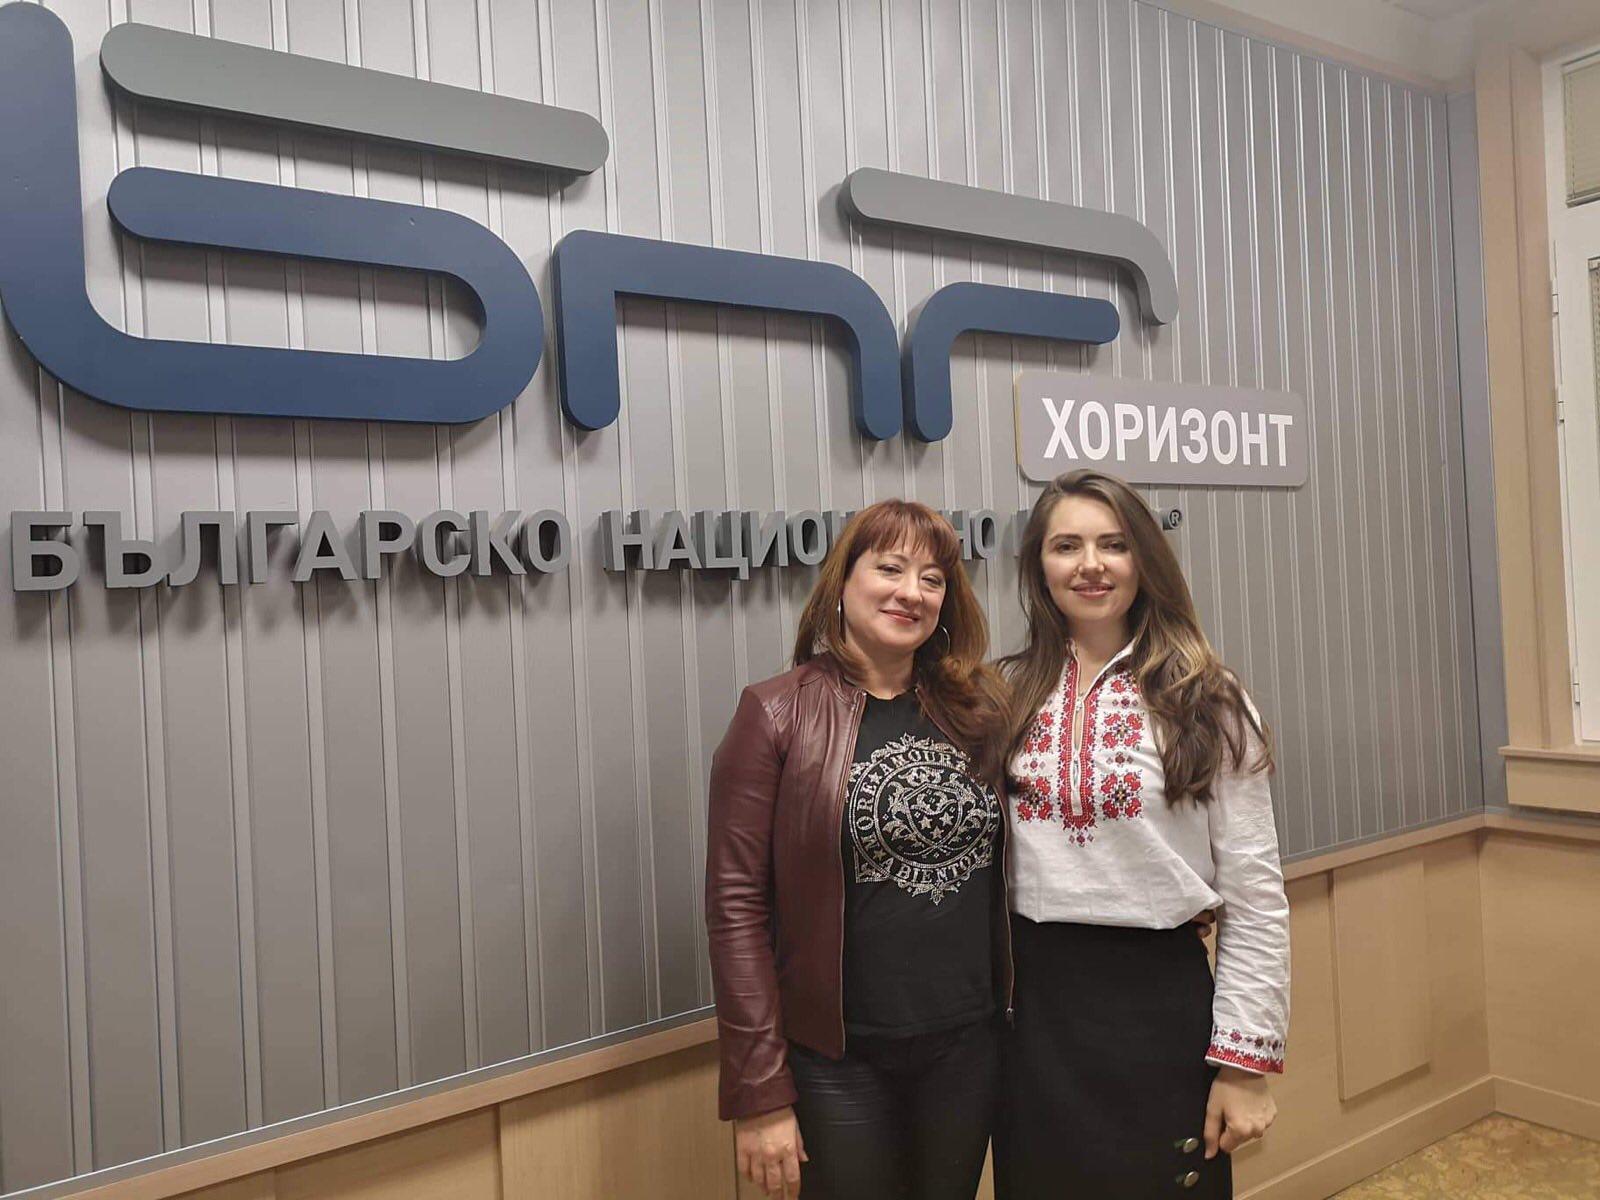 На гости при Станислава Пирчева в Нощен Хоризонт